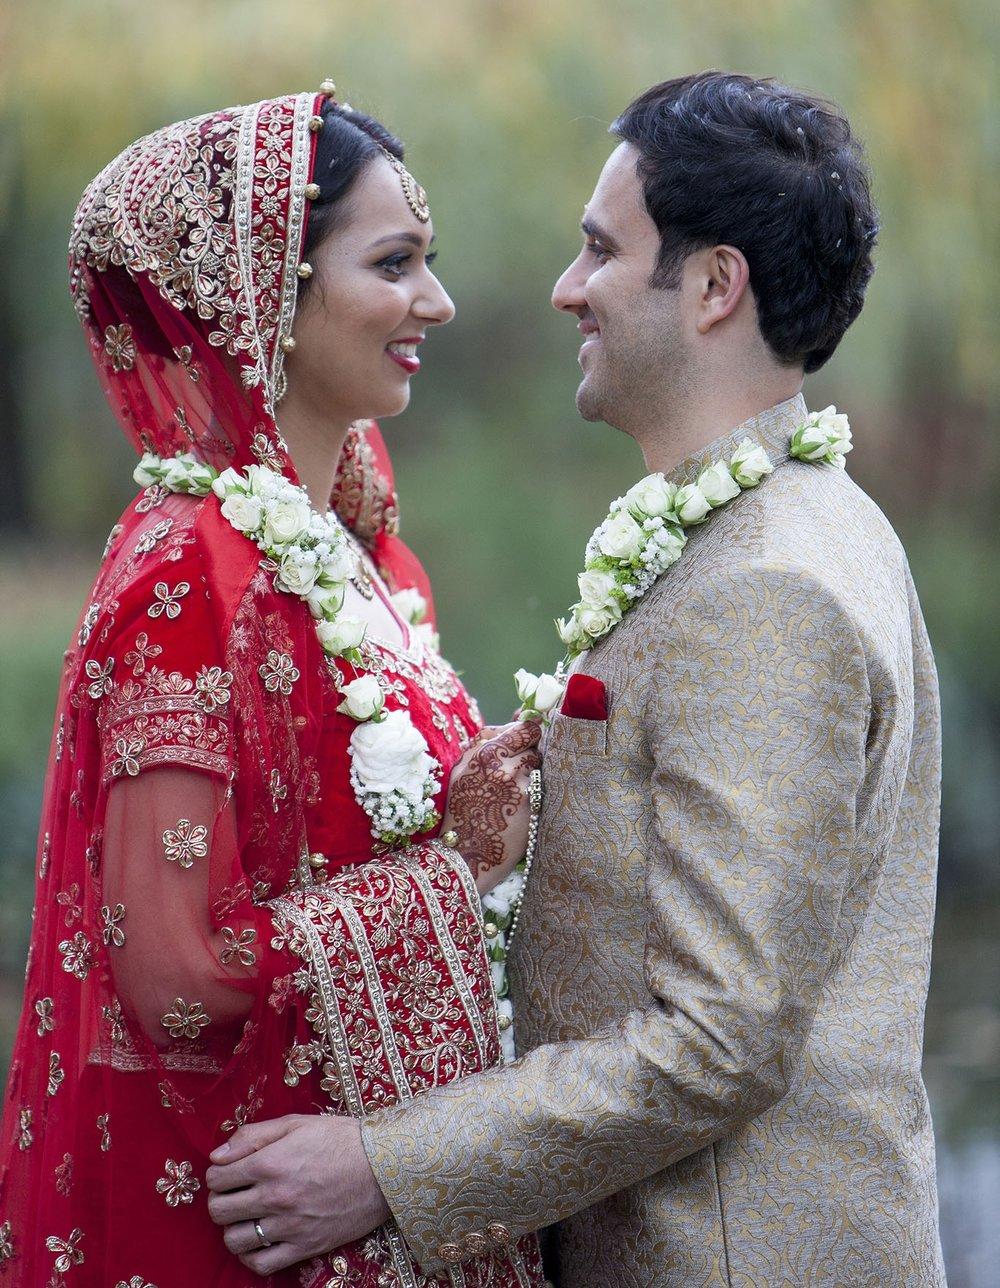 elizabethgphotography_kingslangley_hertfordshire_fineart_indian_wedding_photography_bhavesh_kundalata_bhaktivedanta_manor_watford_jpg60.jpg